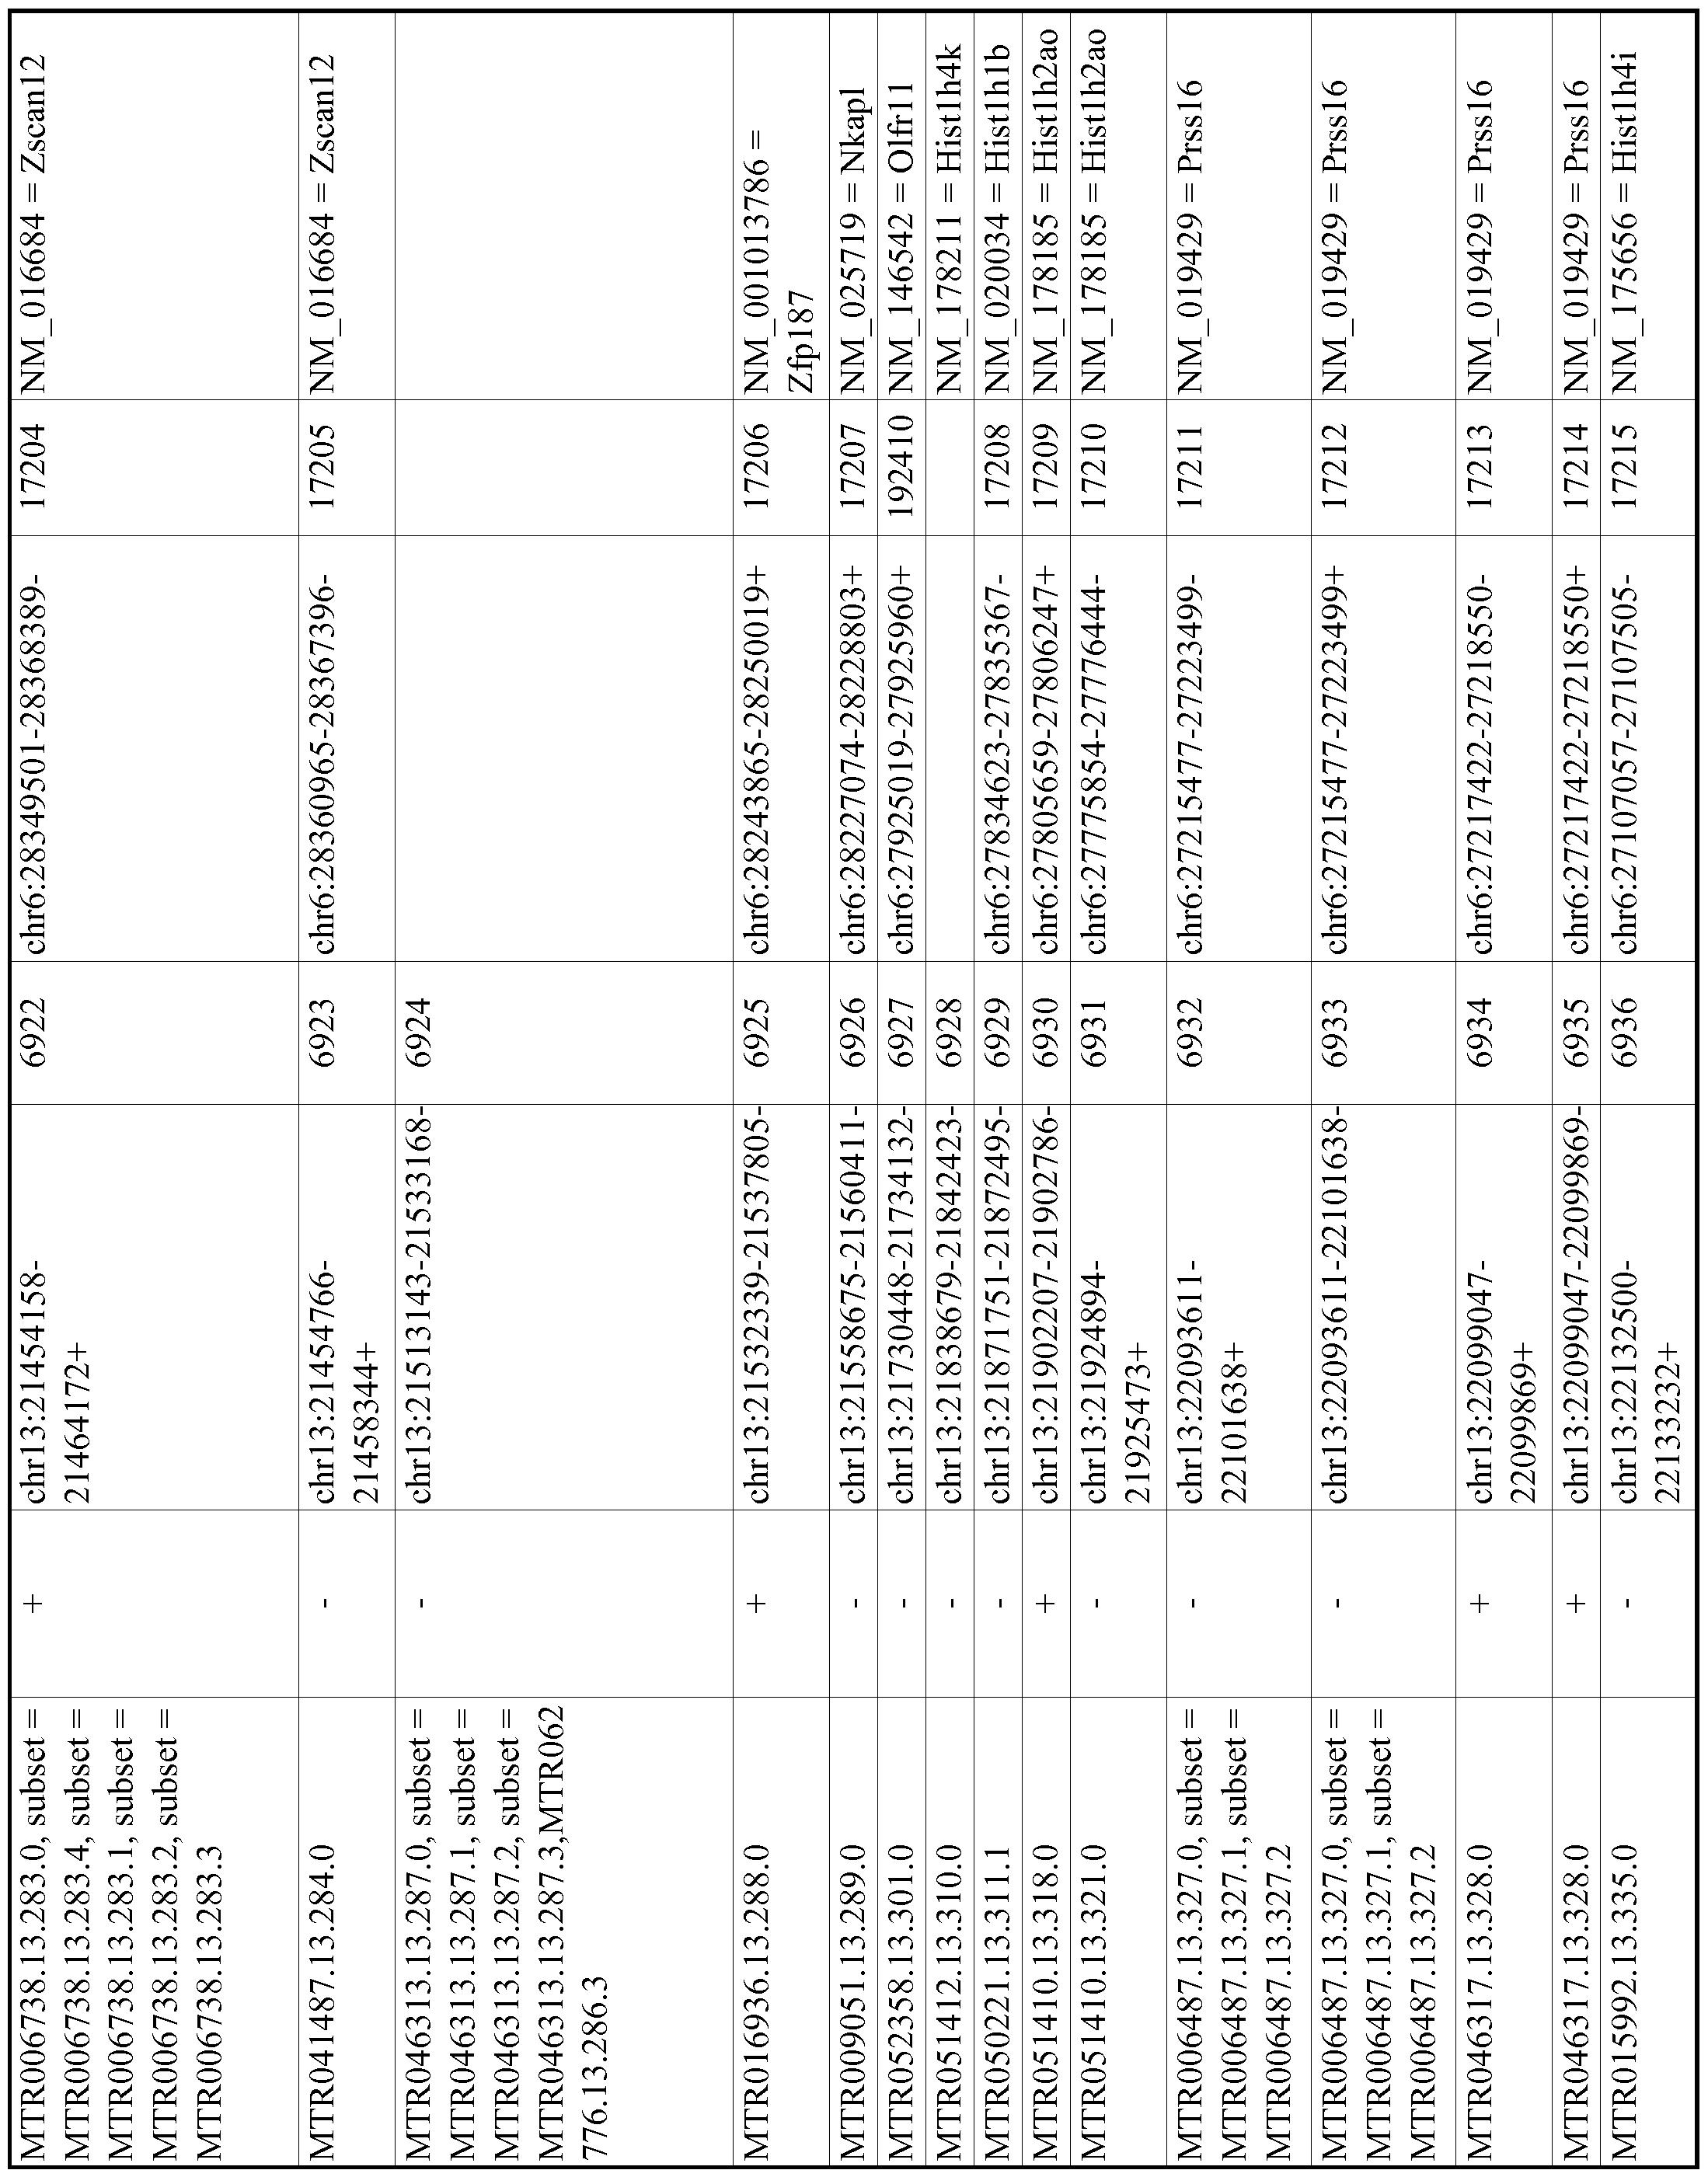 Figure imgf001228_0001